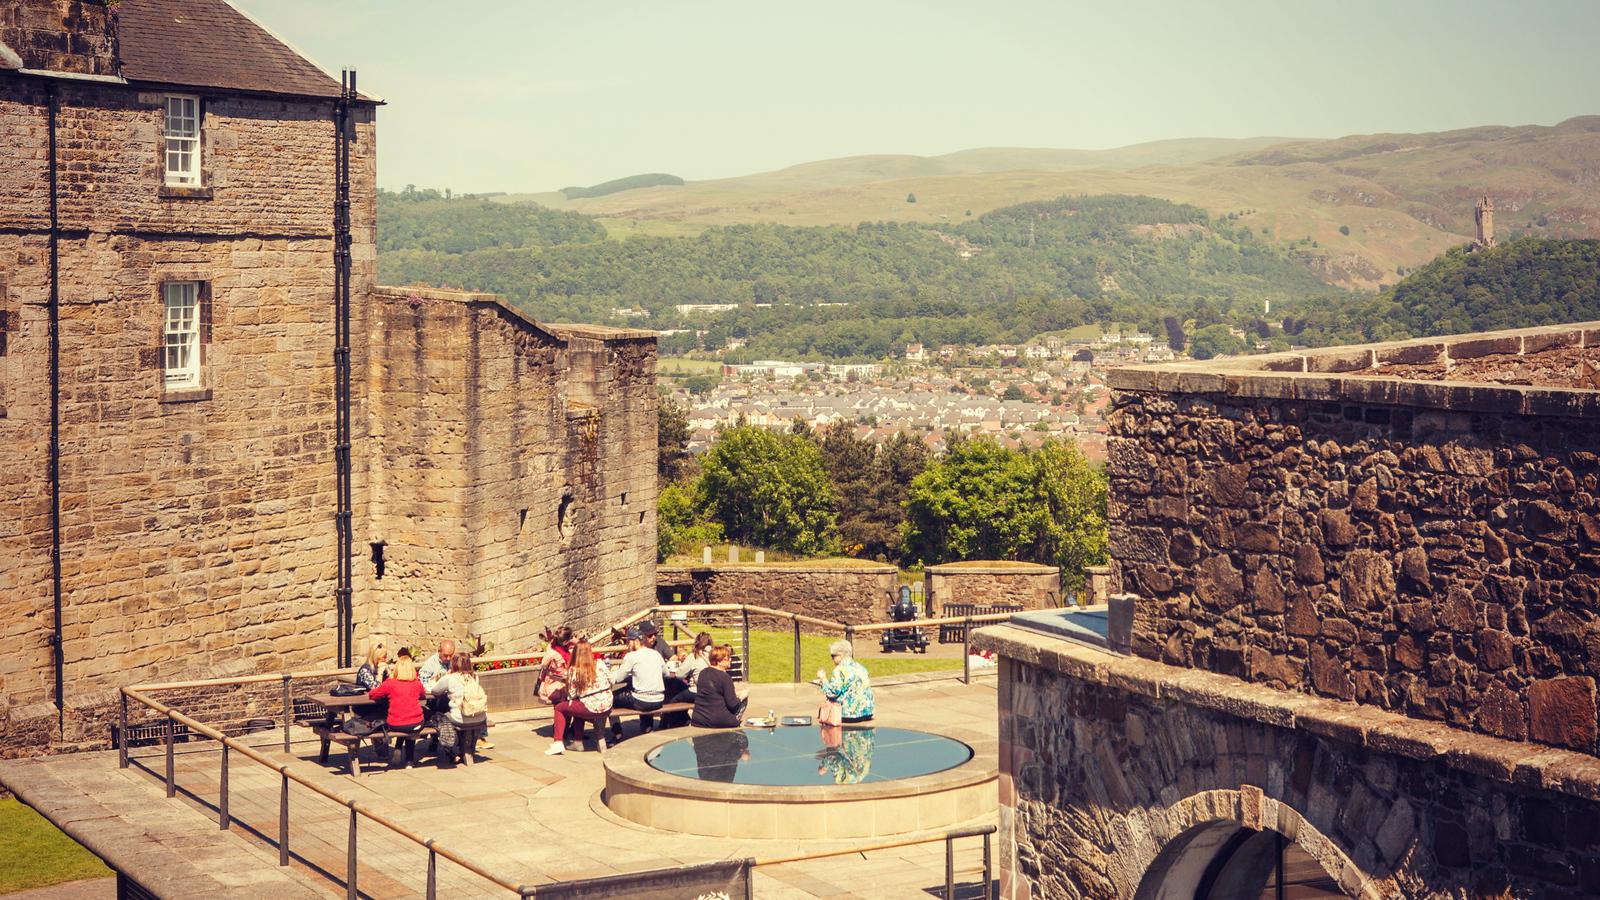 苏格兰斯特灵城堡,炮台林立防守坚固